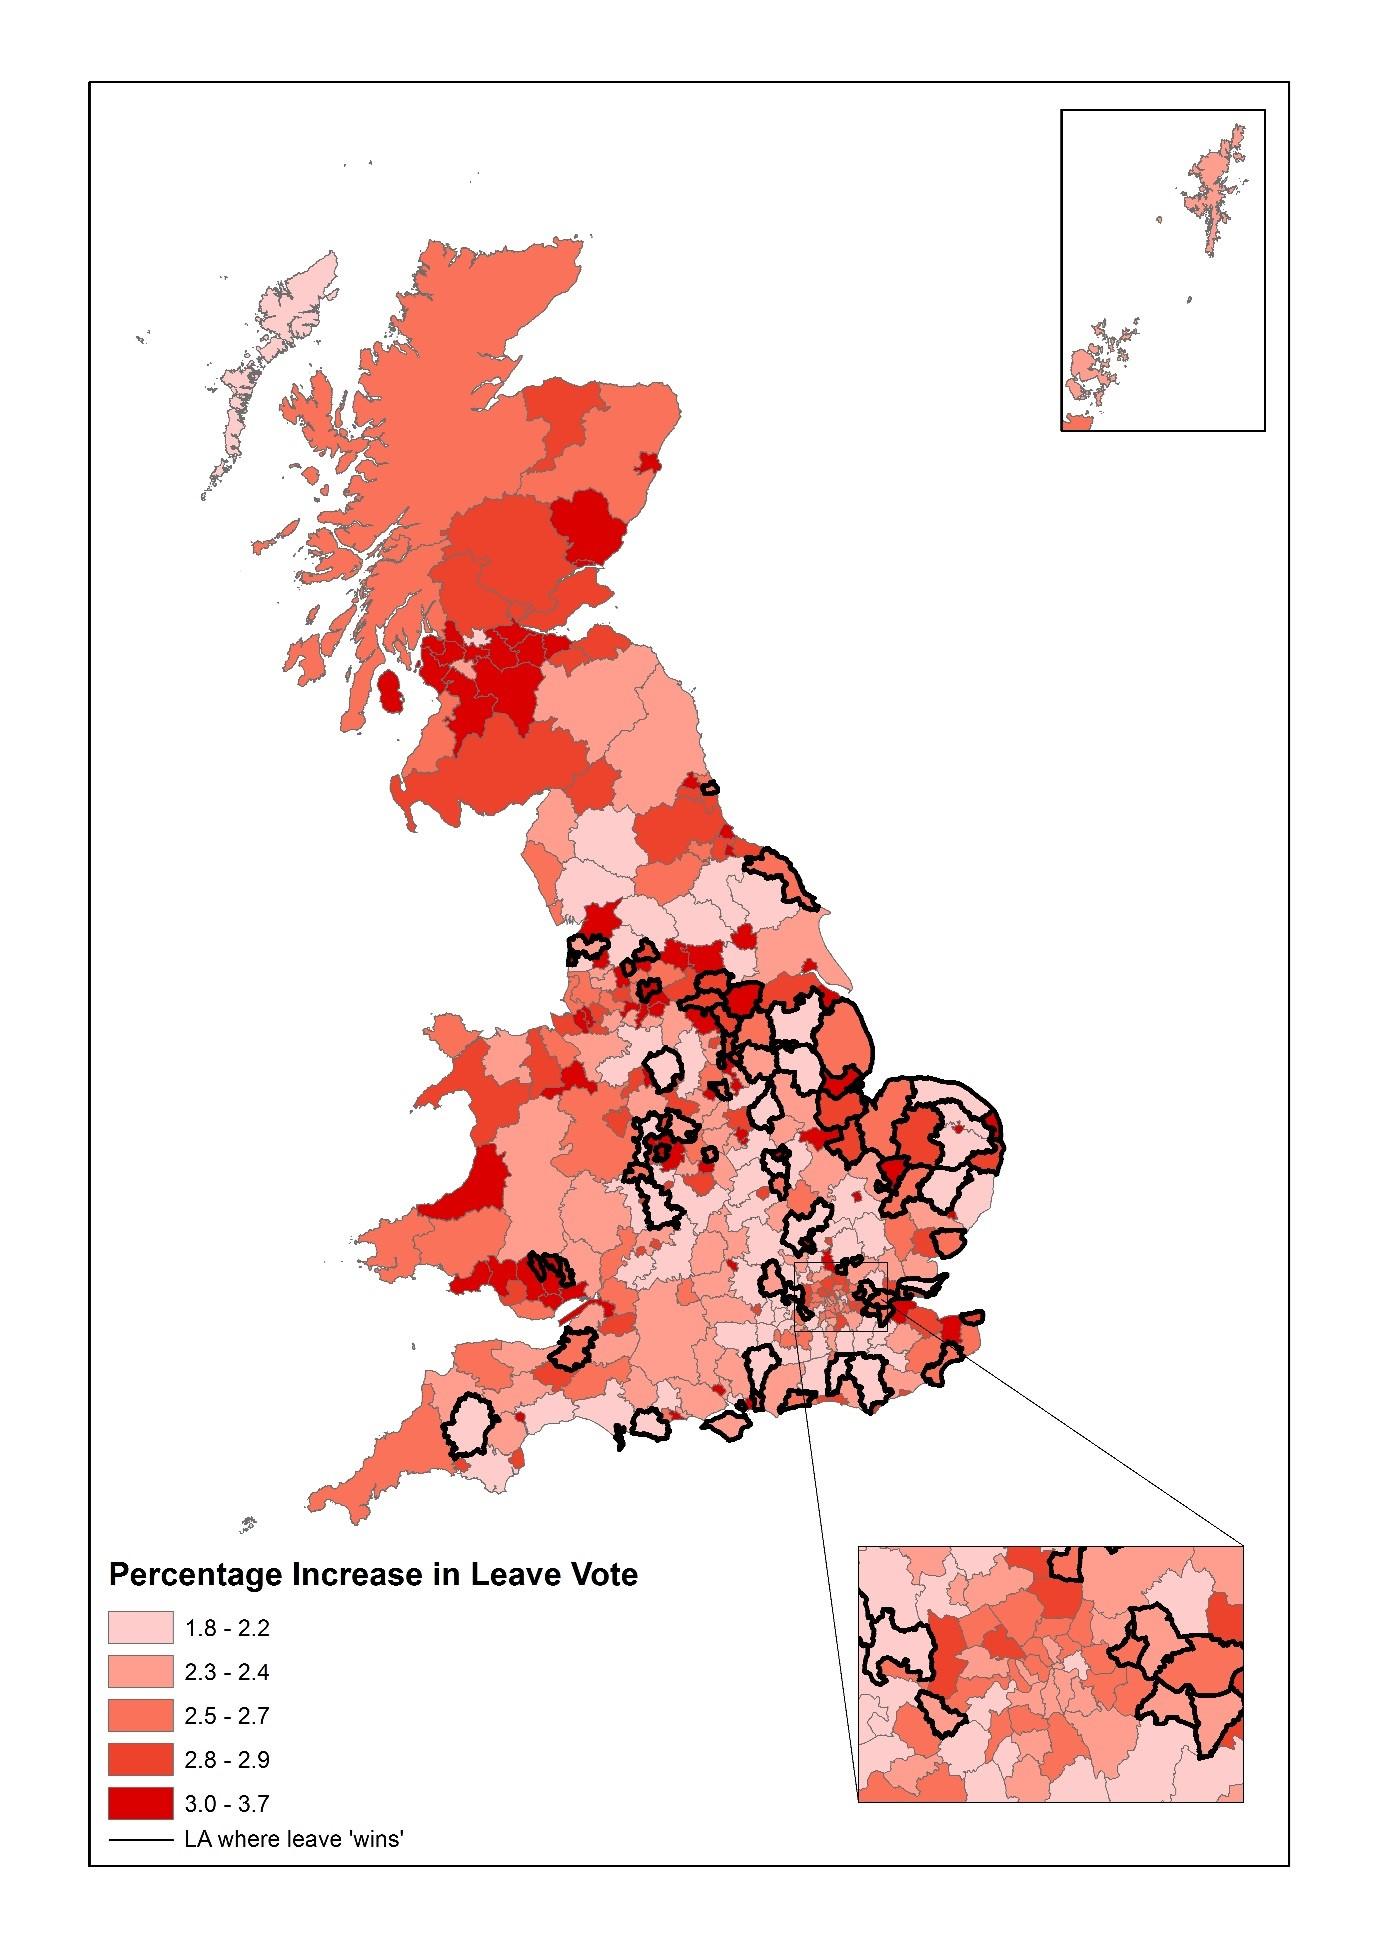 Brexit Map 2